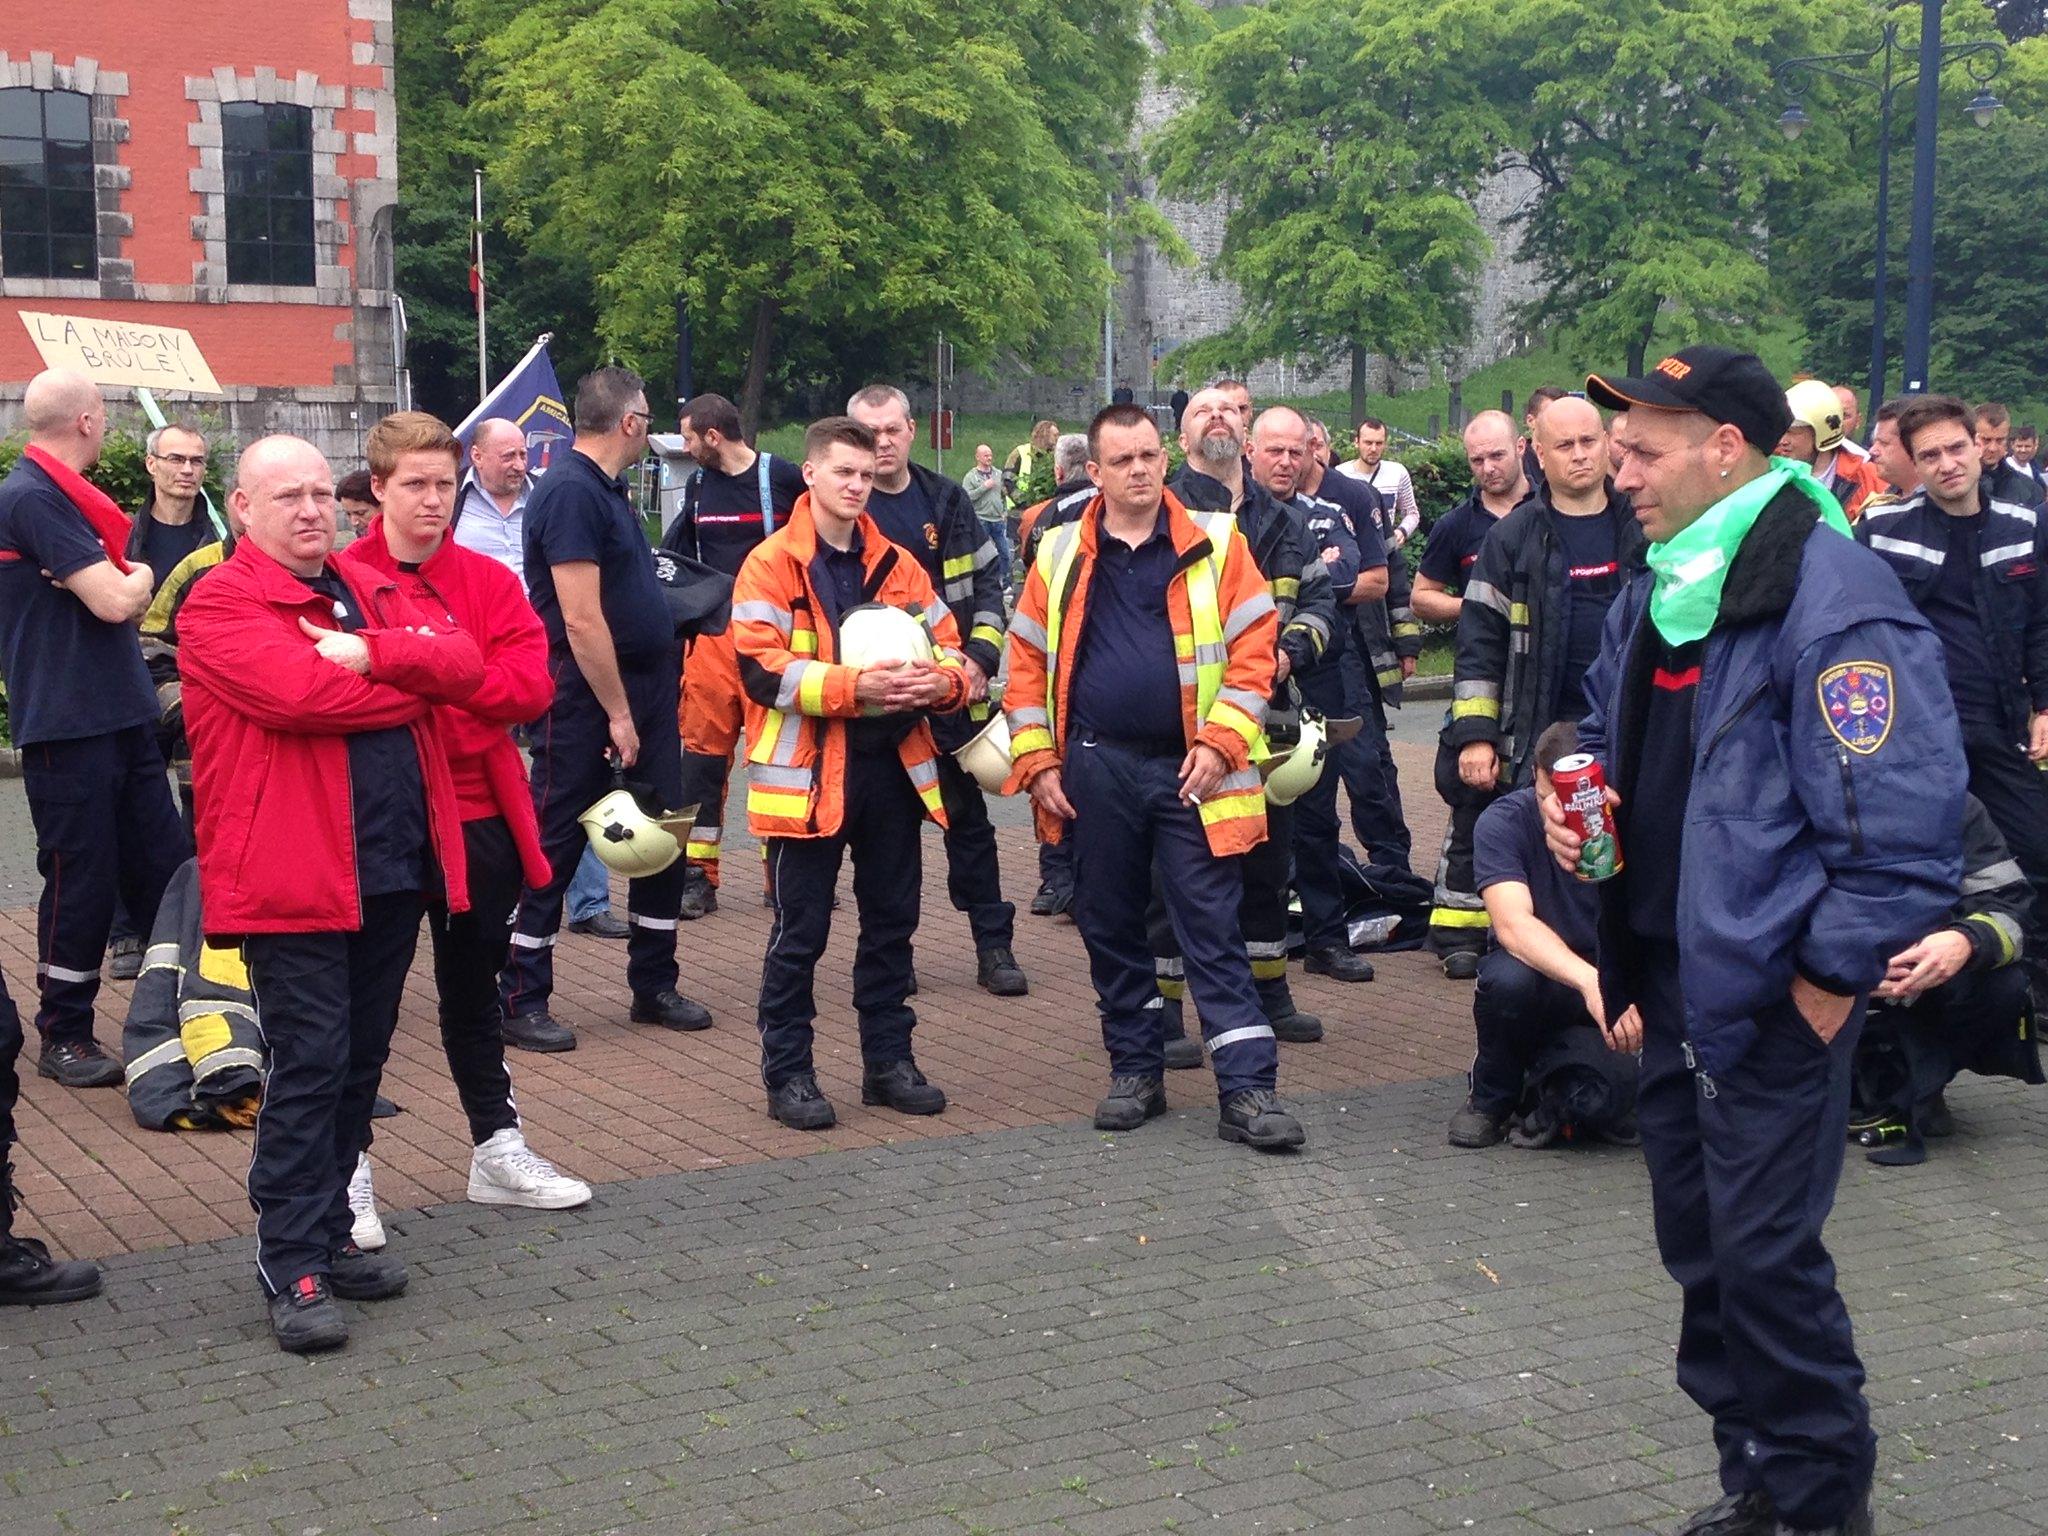 Action pompiers à Namur 08062016